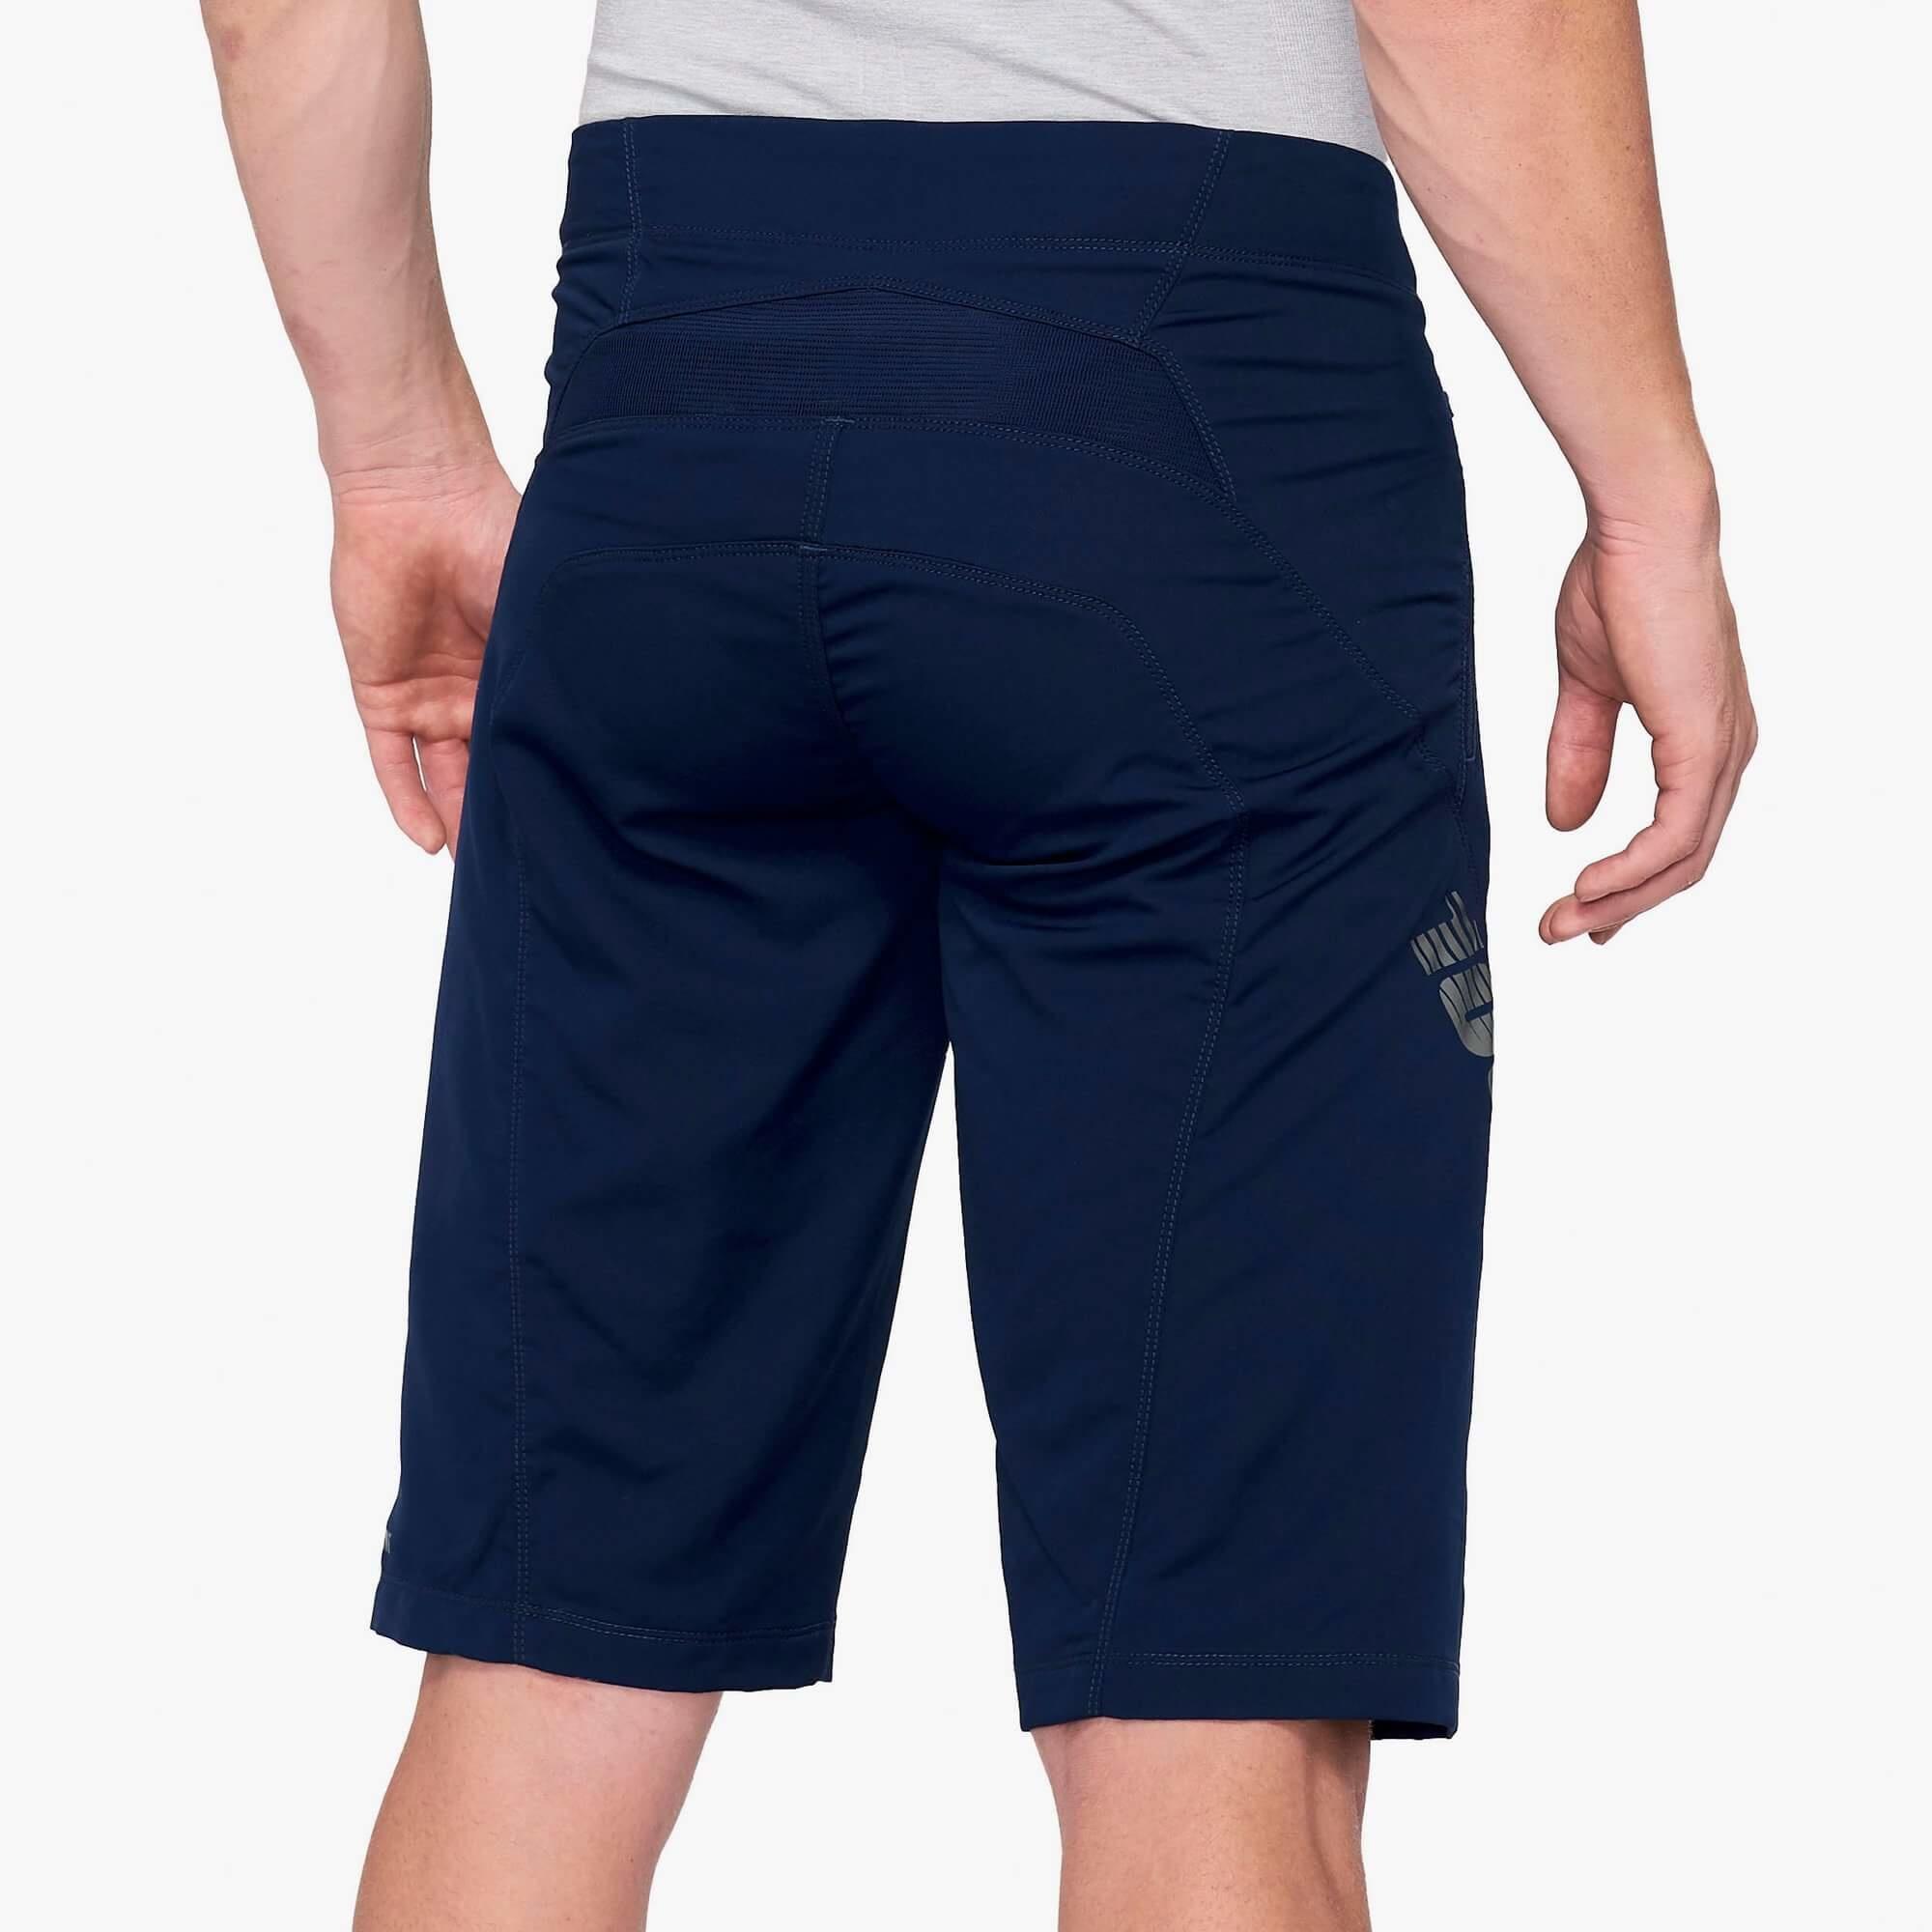 Airmatic Shorts-4